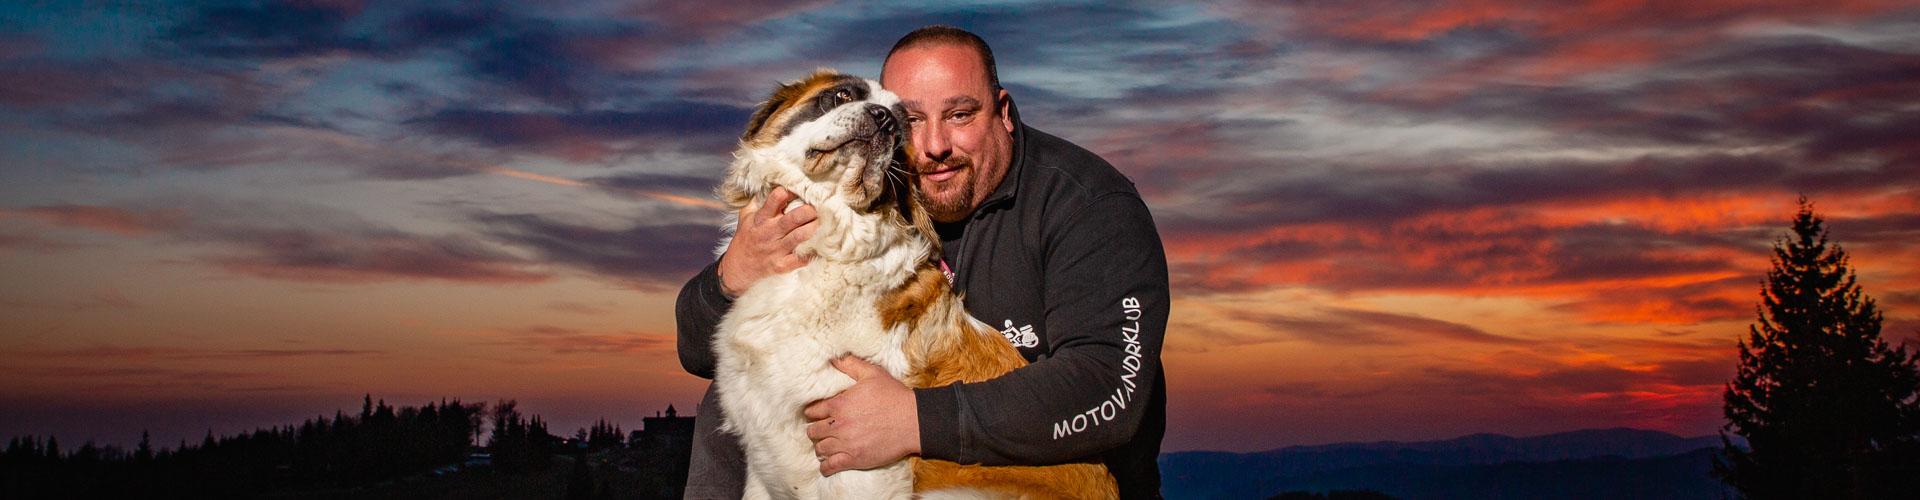 Pes s pánem při západu slunce.